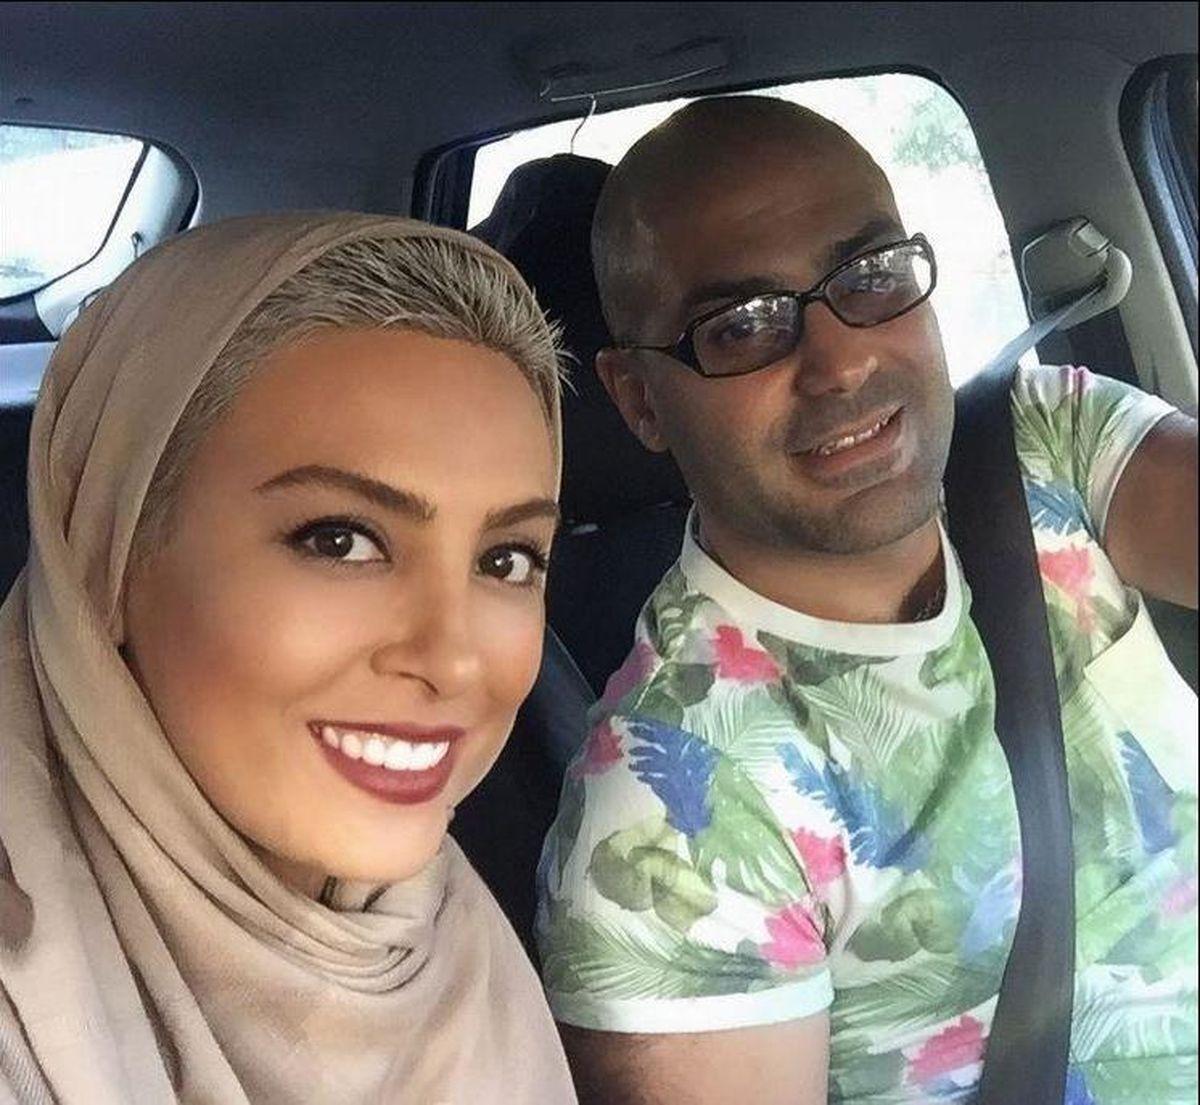 کتک کاری حدیثه تهرانی با همسرش! +فیلم